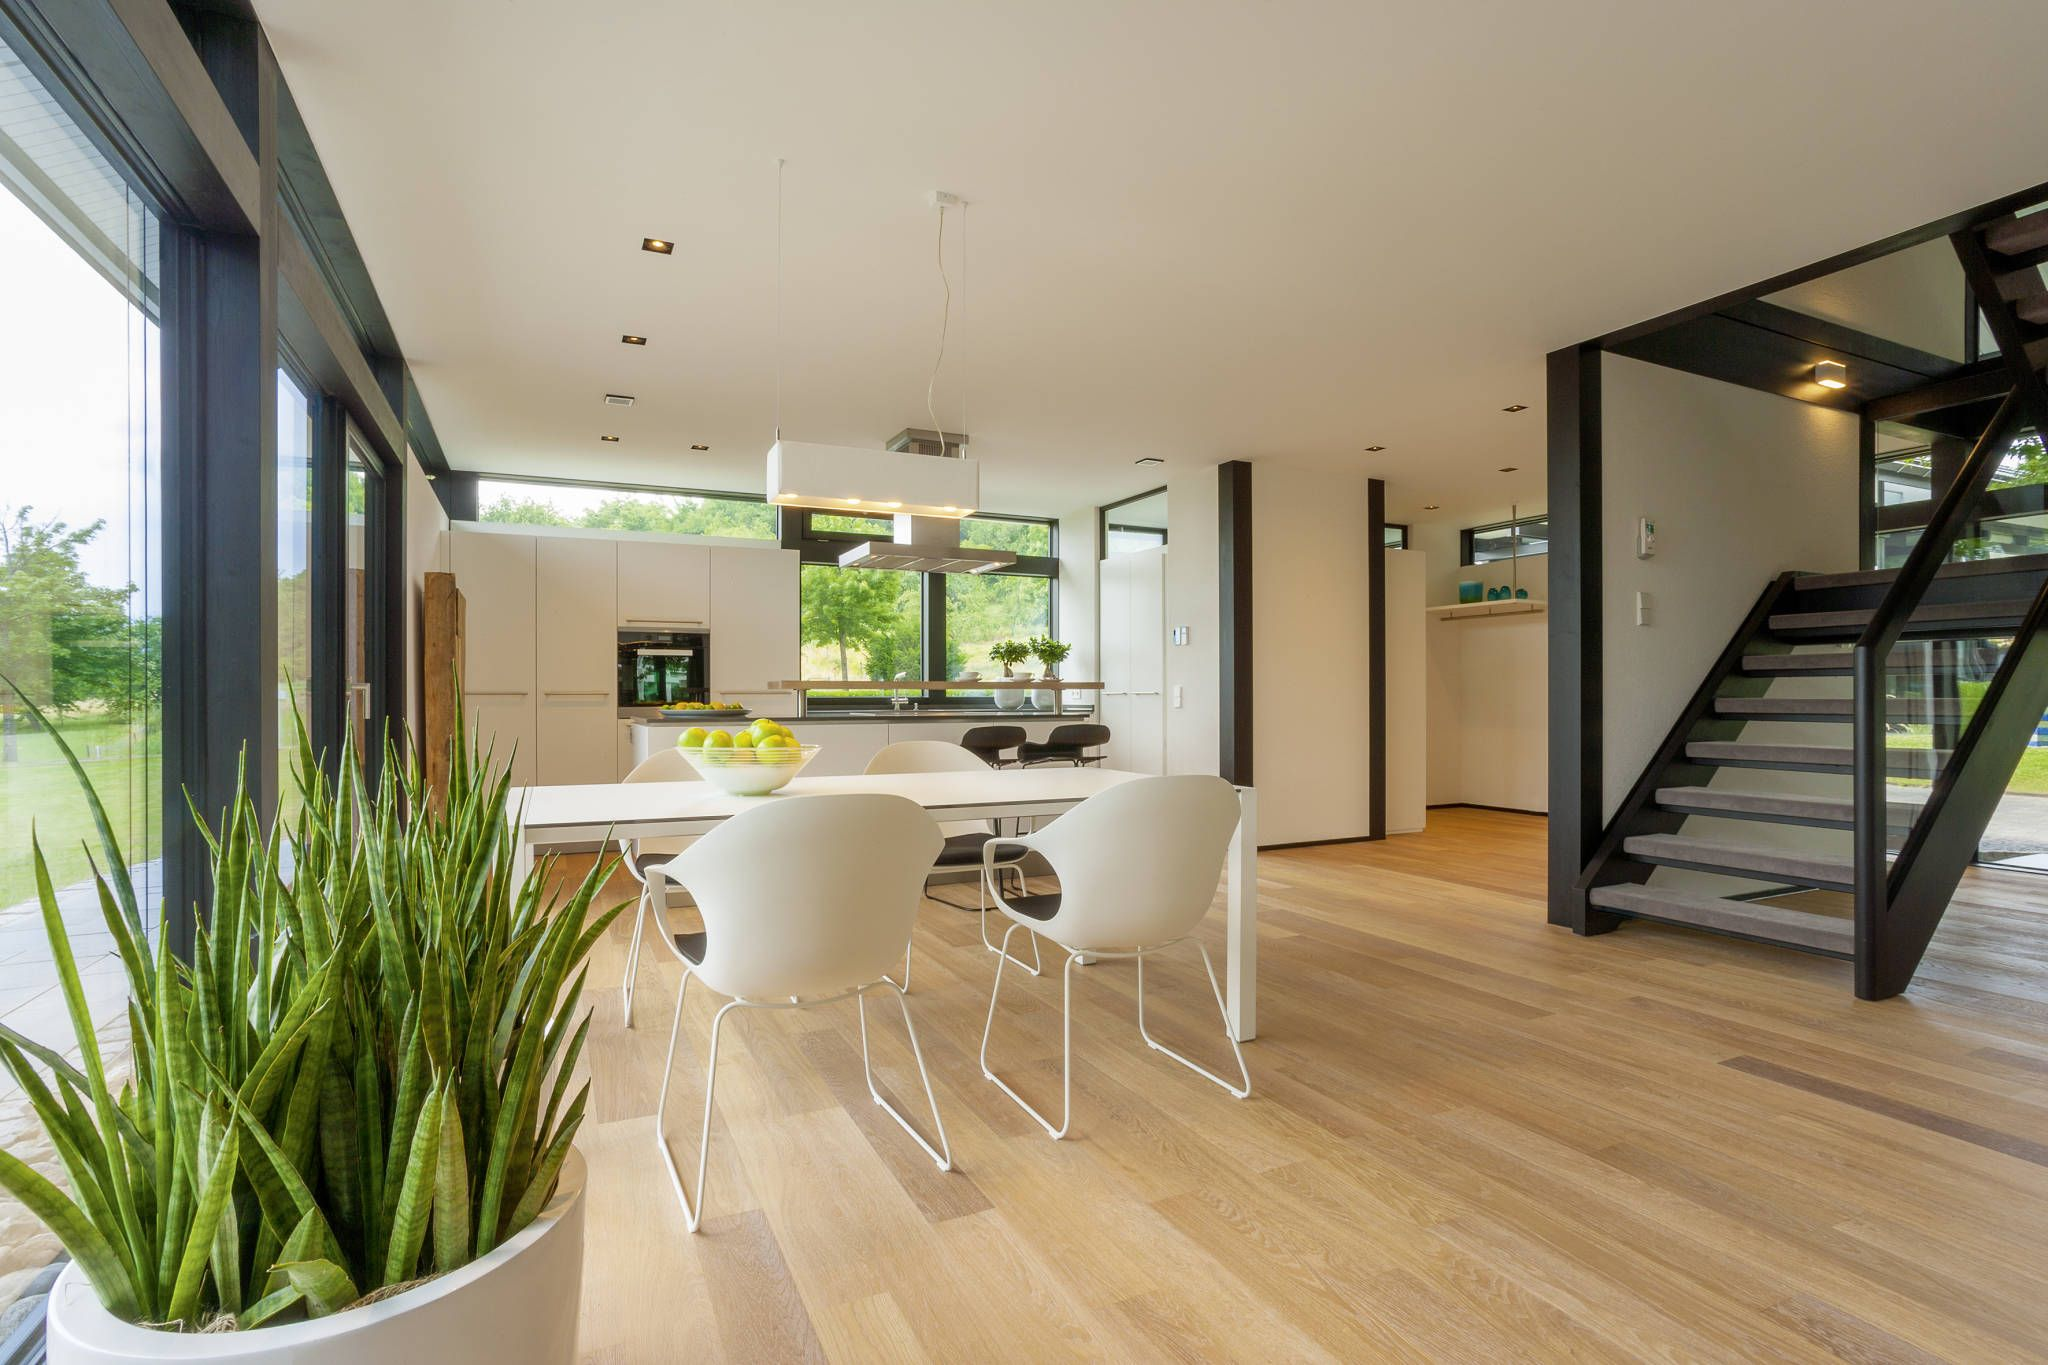 Moderne Esszimmer Bilder: HUF Haus modum: 7:10 | Huf, Haus and Modern